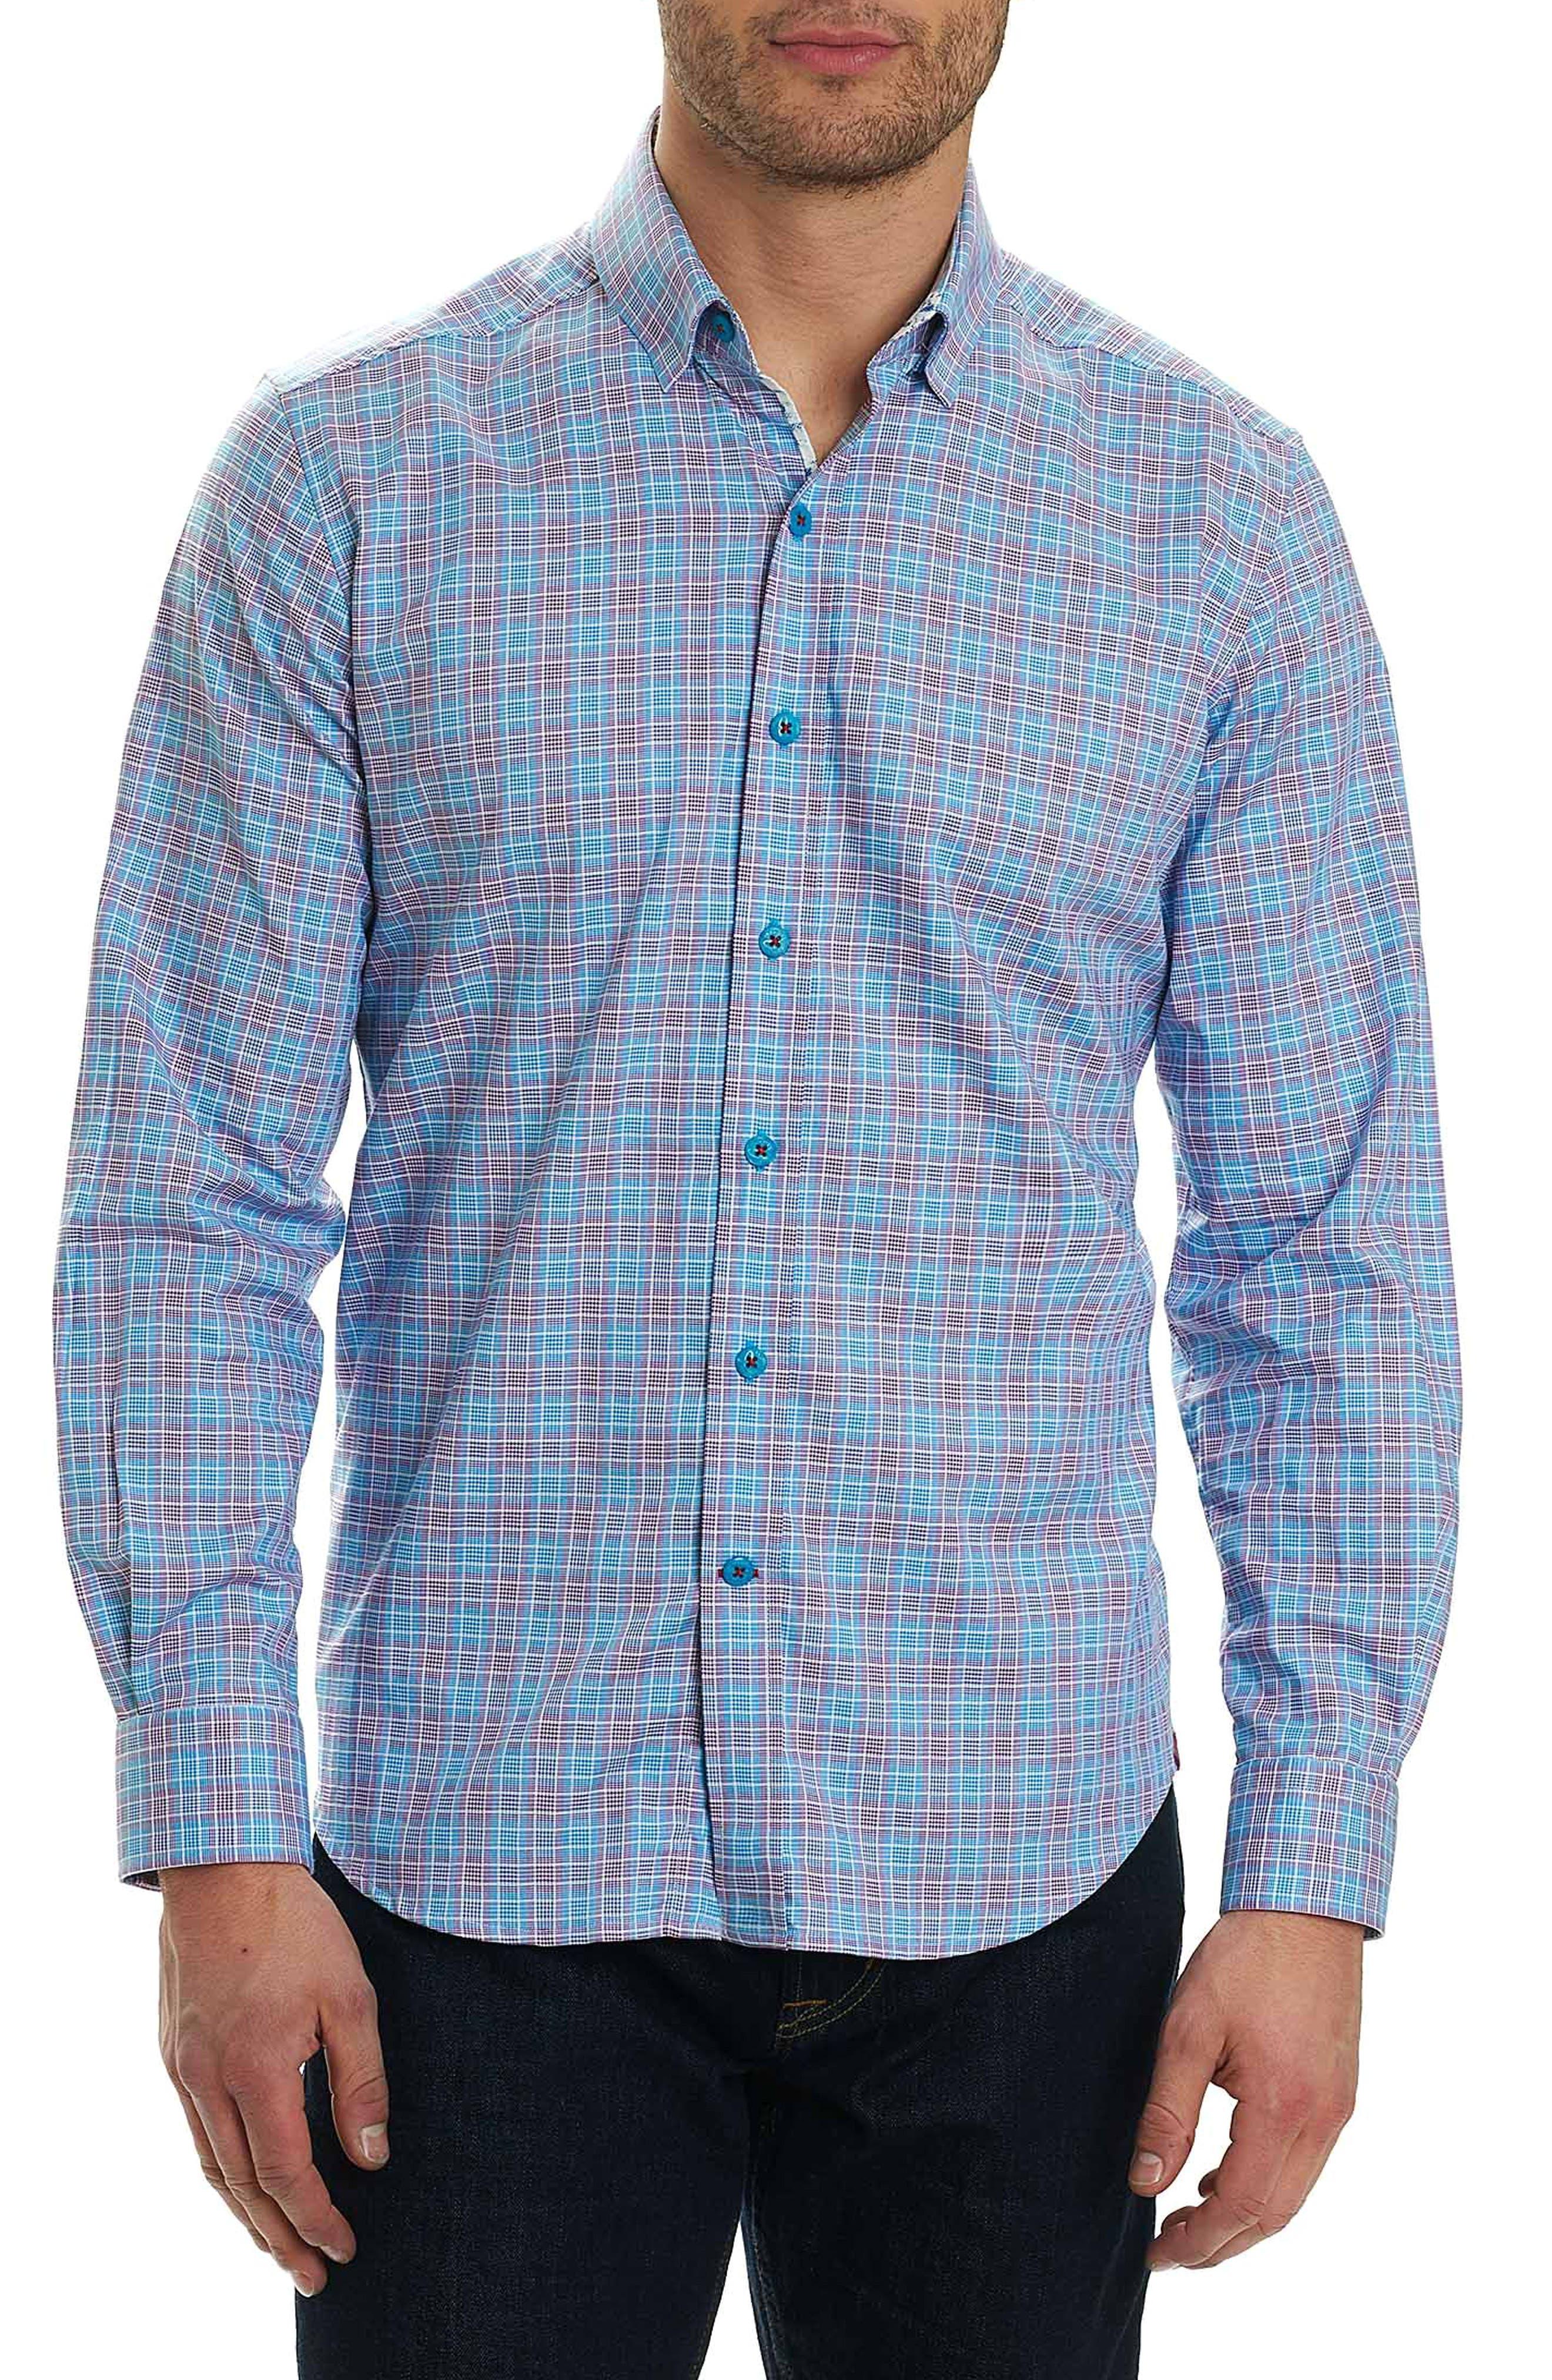 Ryan Regular Fit Sport Shirt,                         Main,                         color, Purple